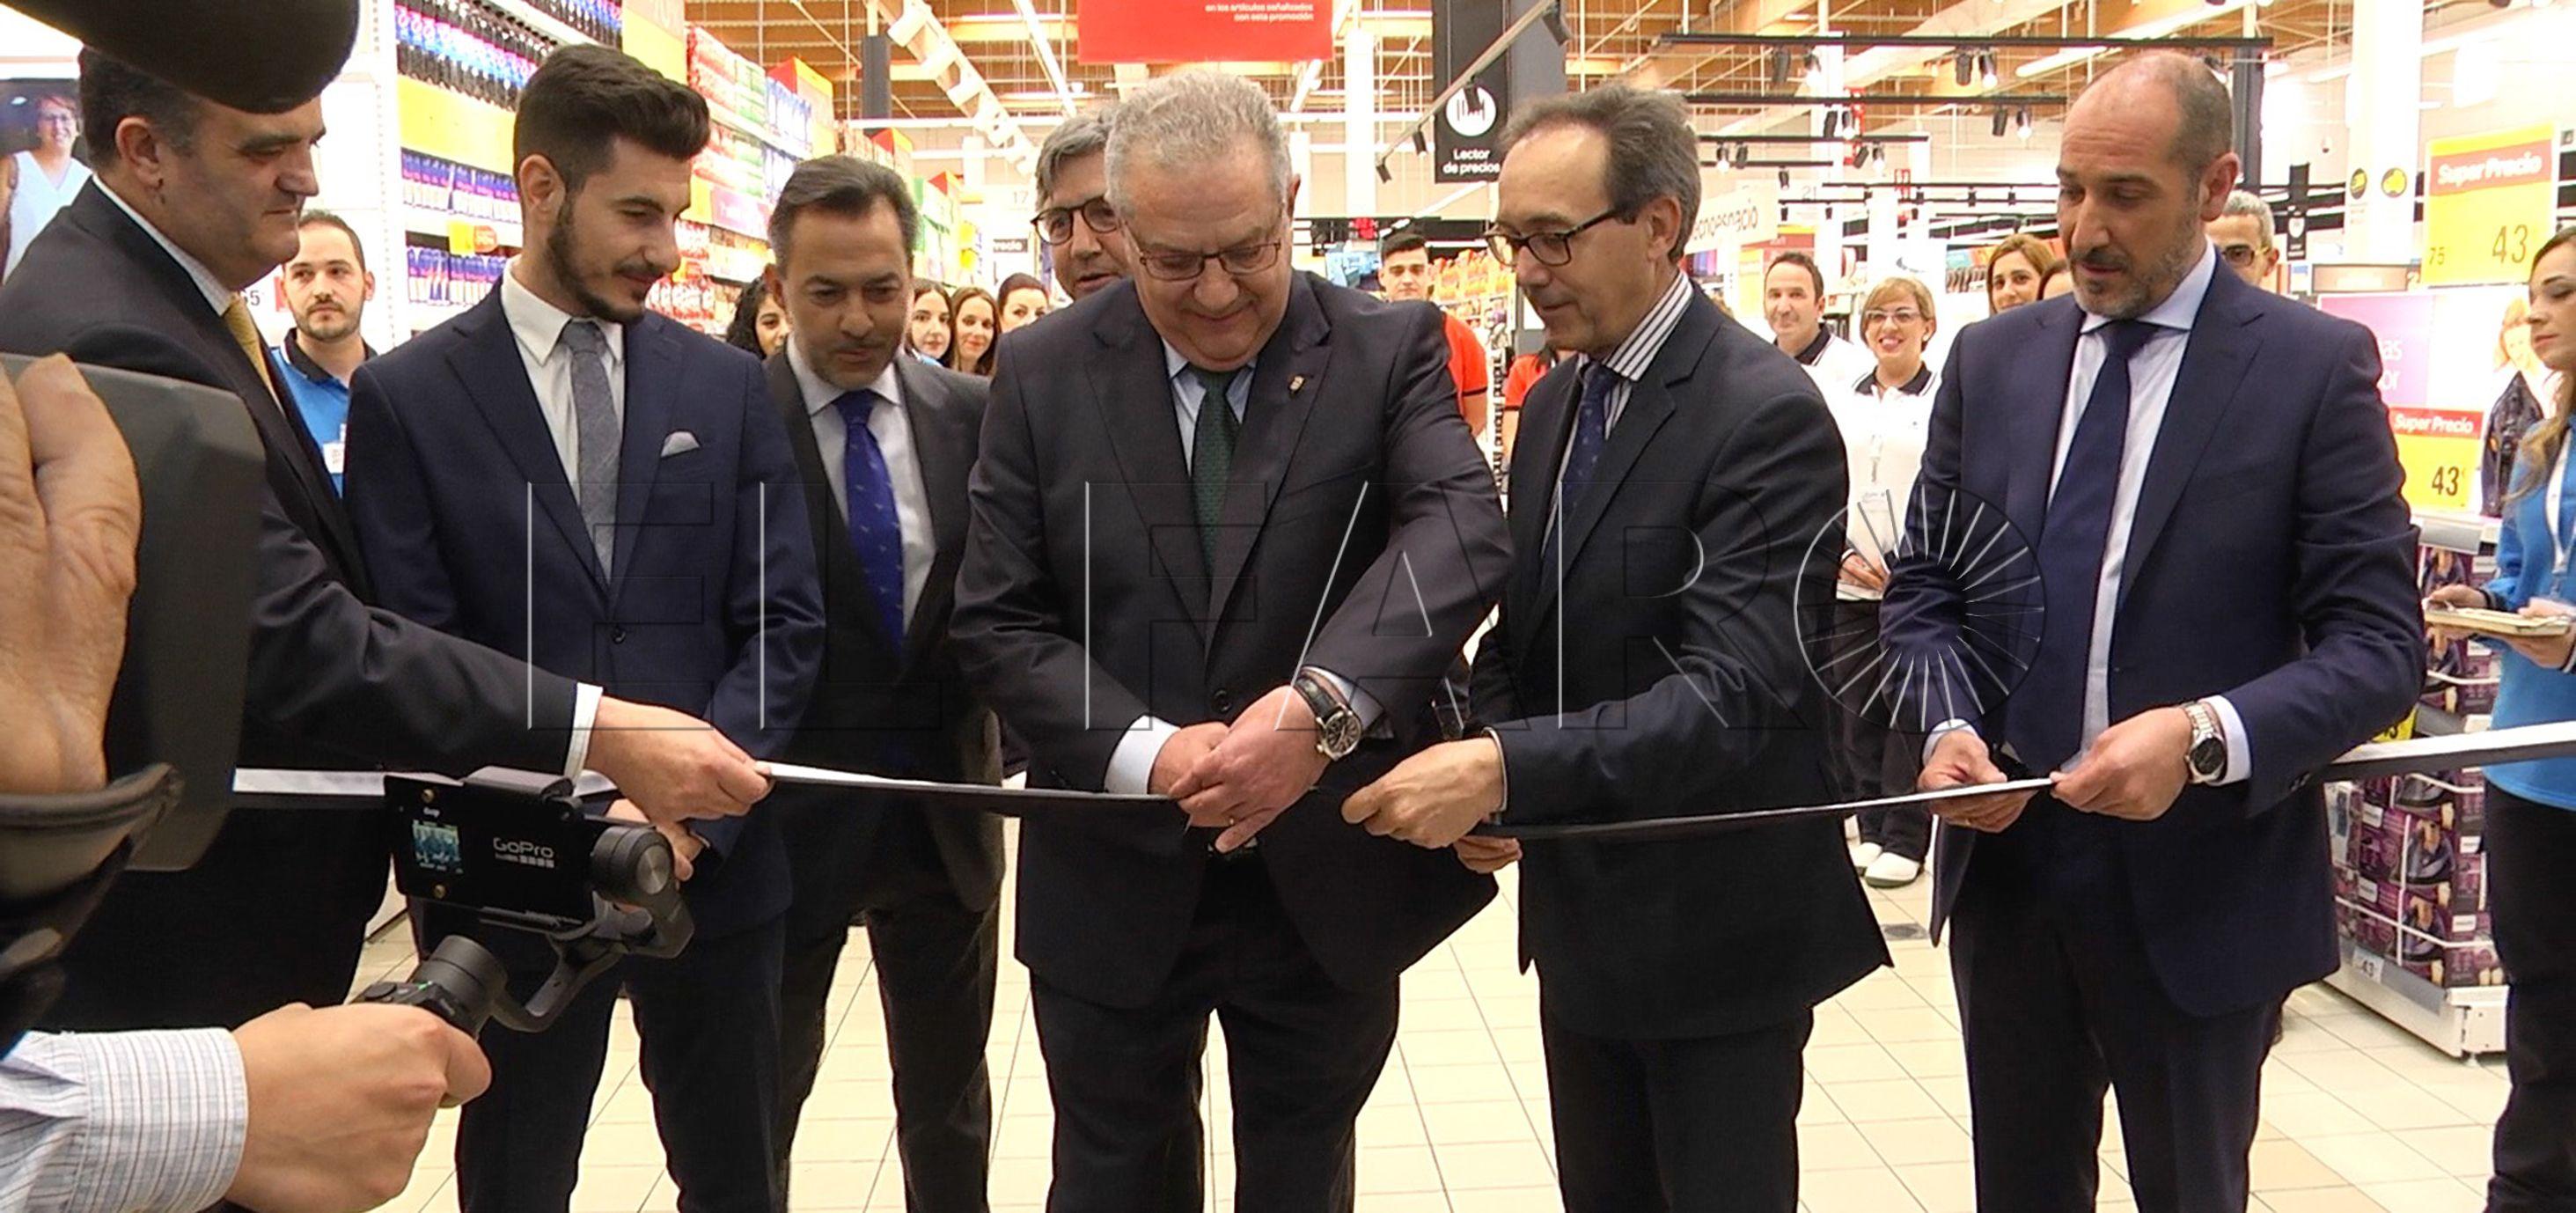 Carrefour inaugura su hipermercado con las autoridades locales